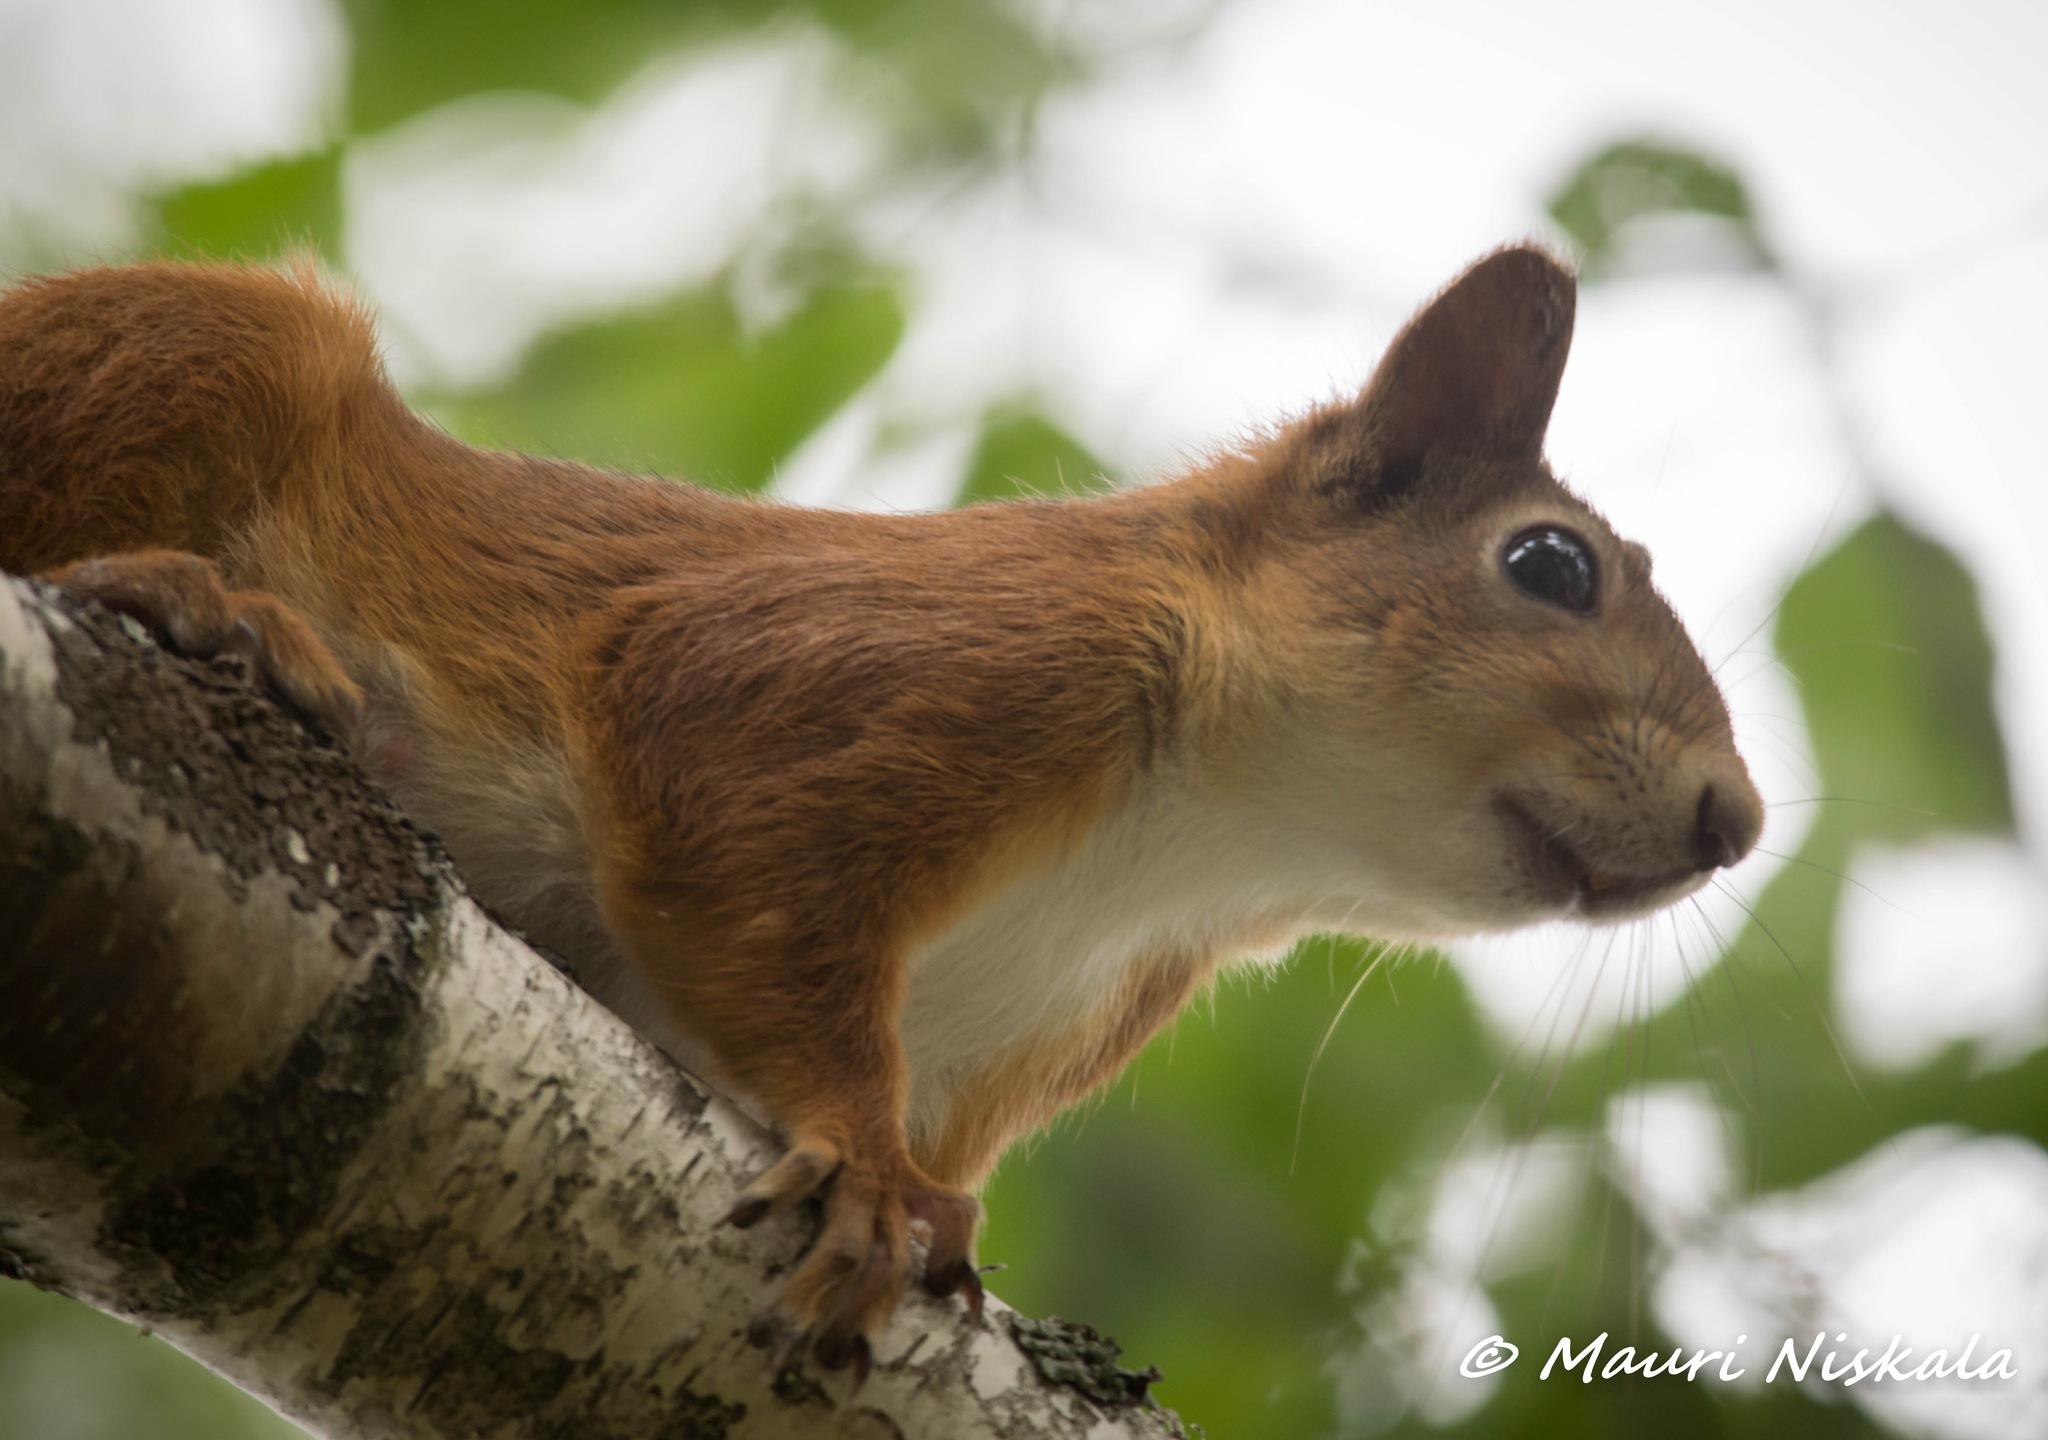 Squirrel on tree...! by Mauri Niskala